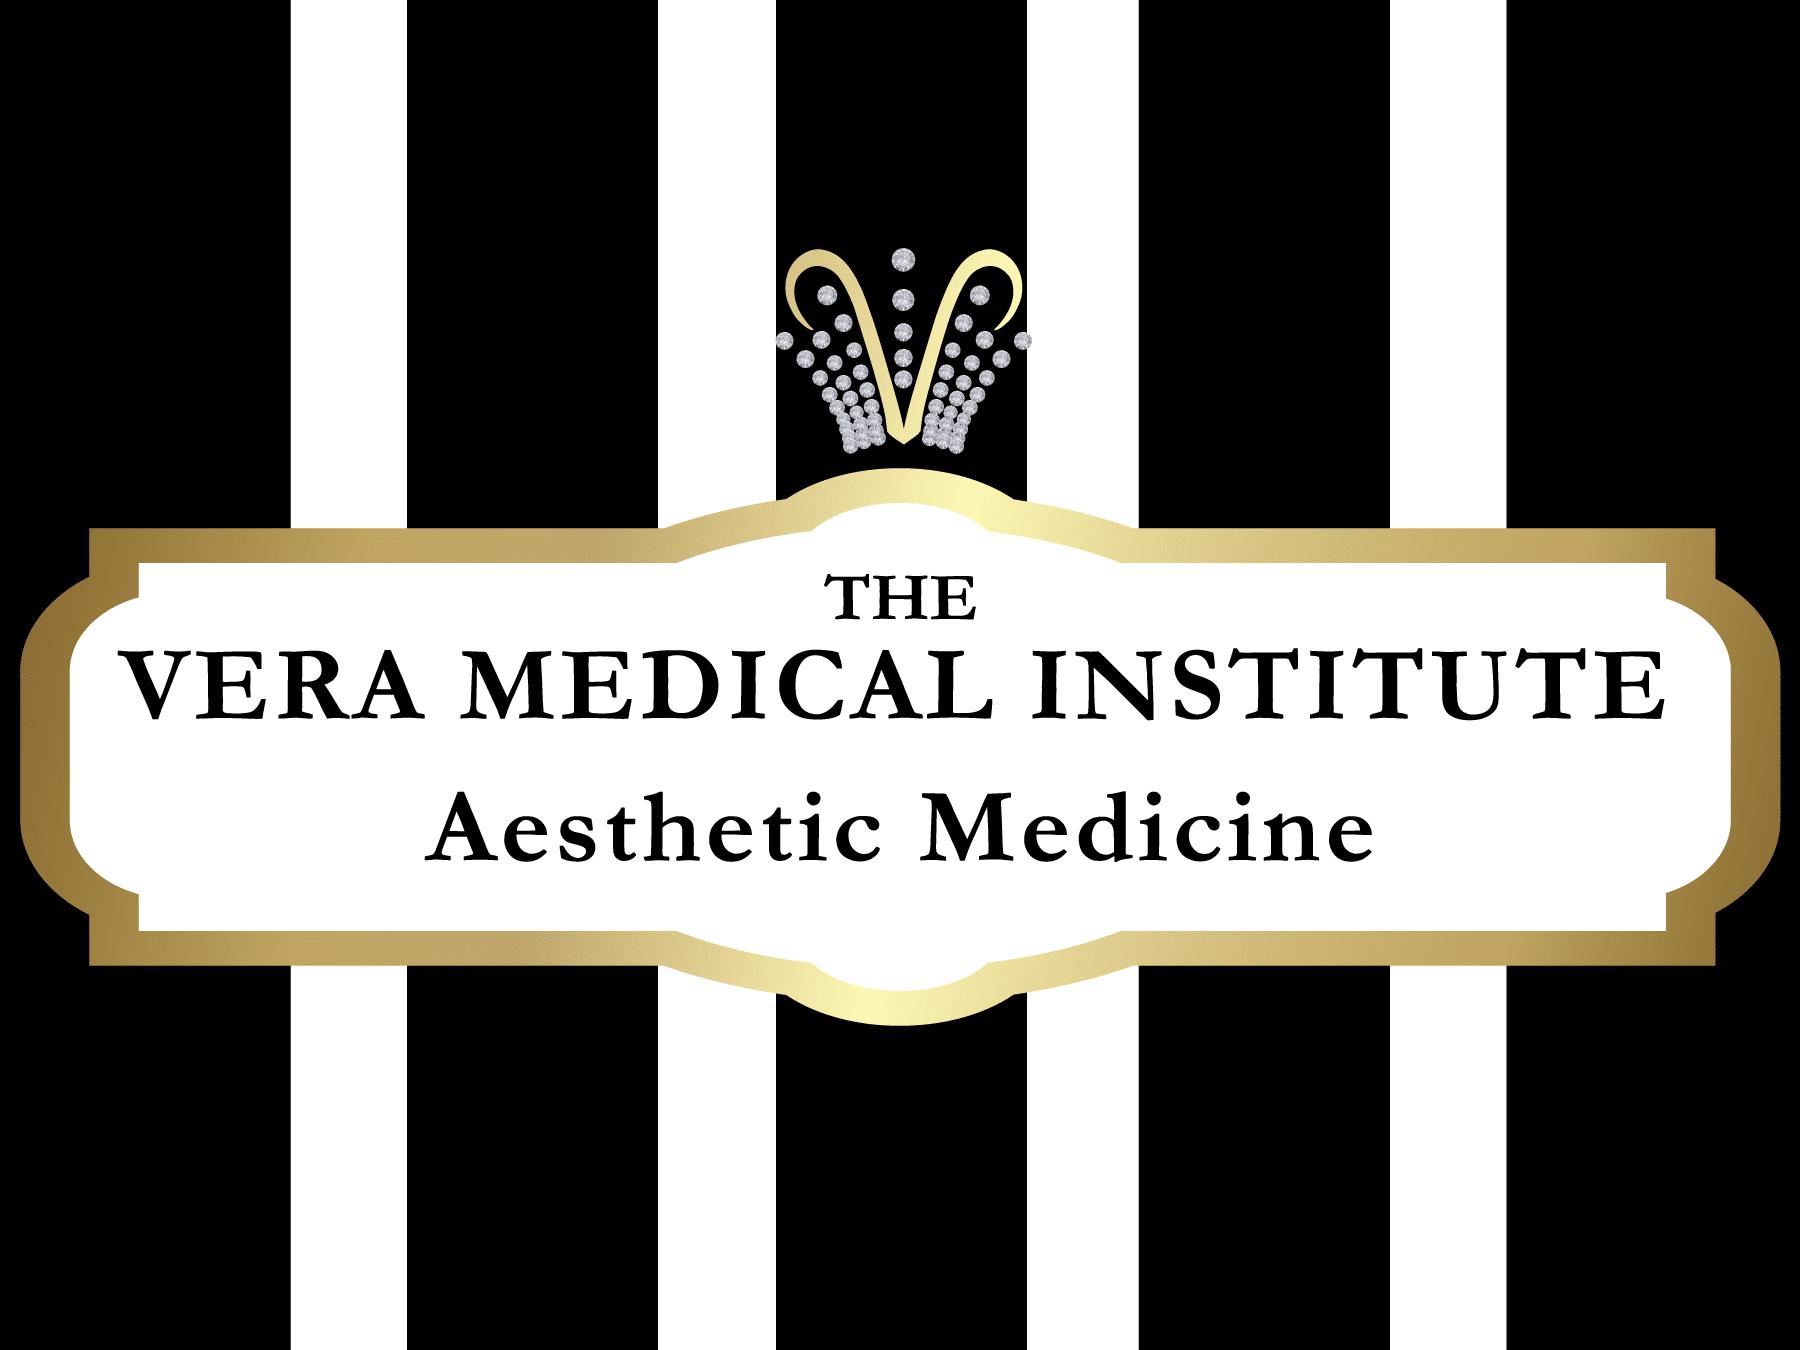 The Vera Medical Institute